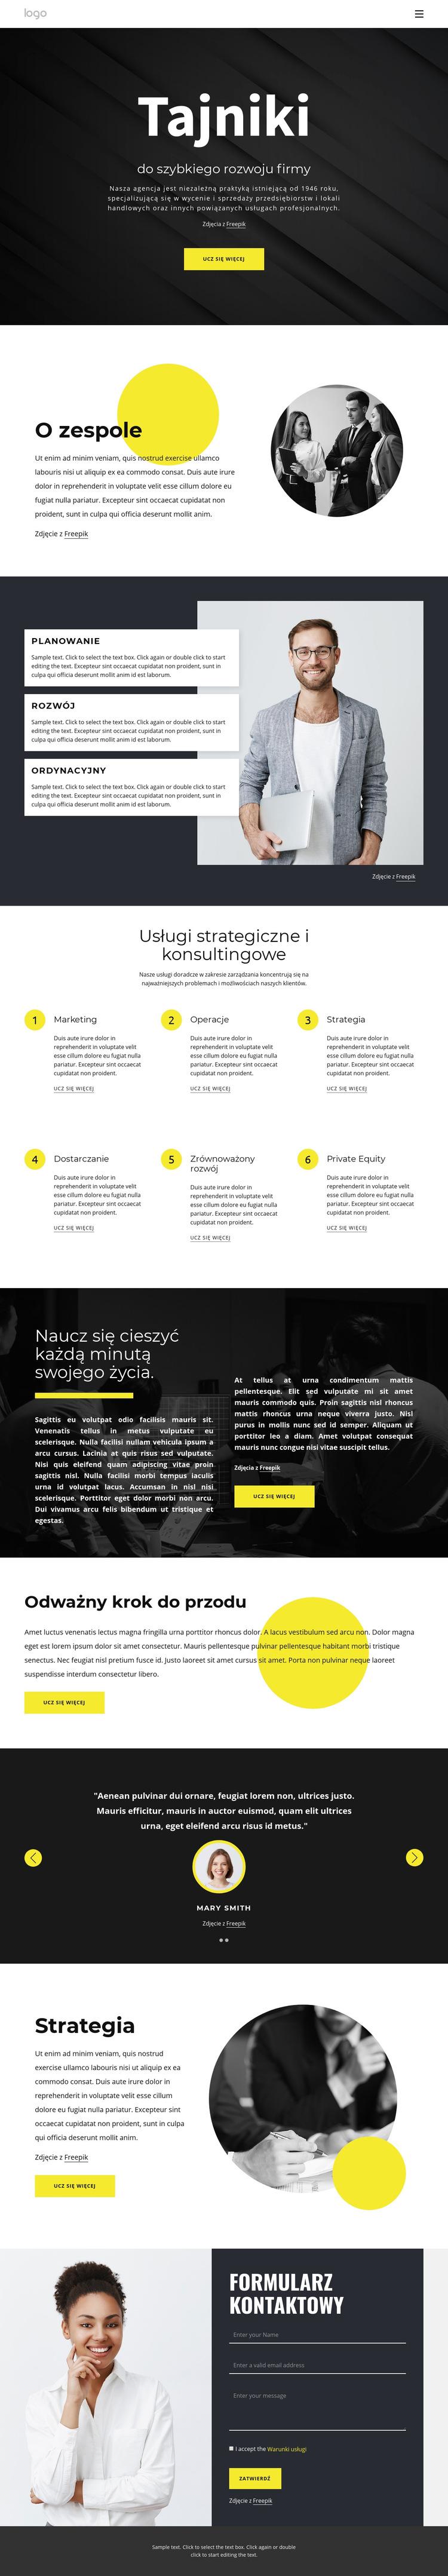 Sekrety rozwijającego się biznesu Szablon witryny sieci Web